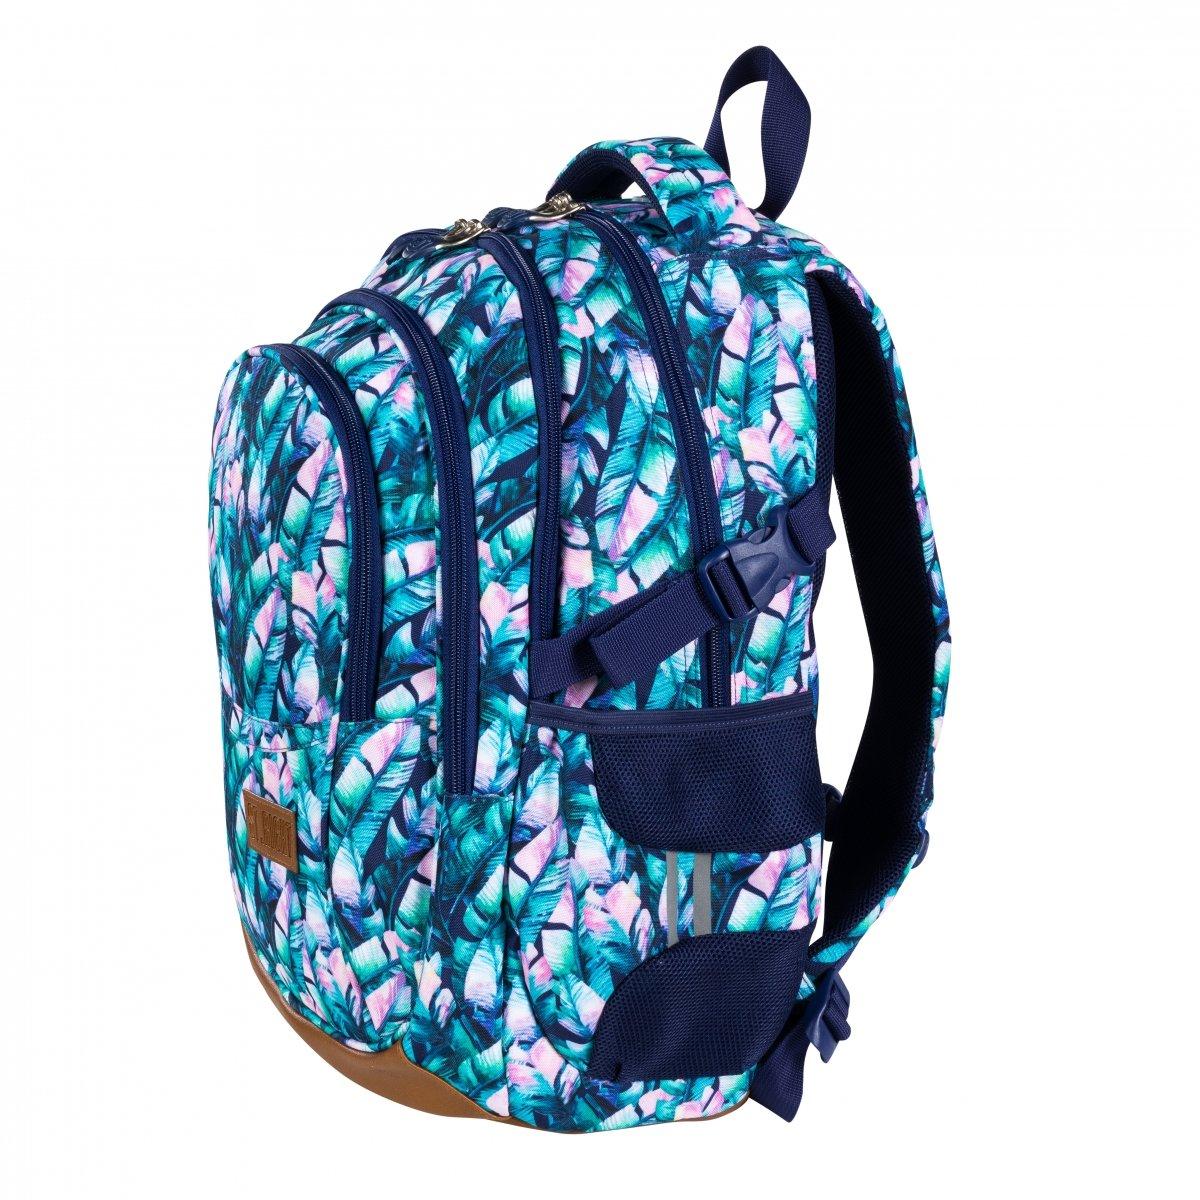 Plecak szkolny młodzieżowy ST.RIGHT w błękitne liście, BLUE